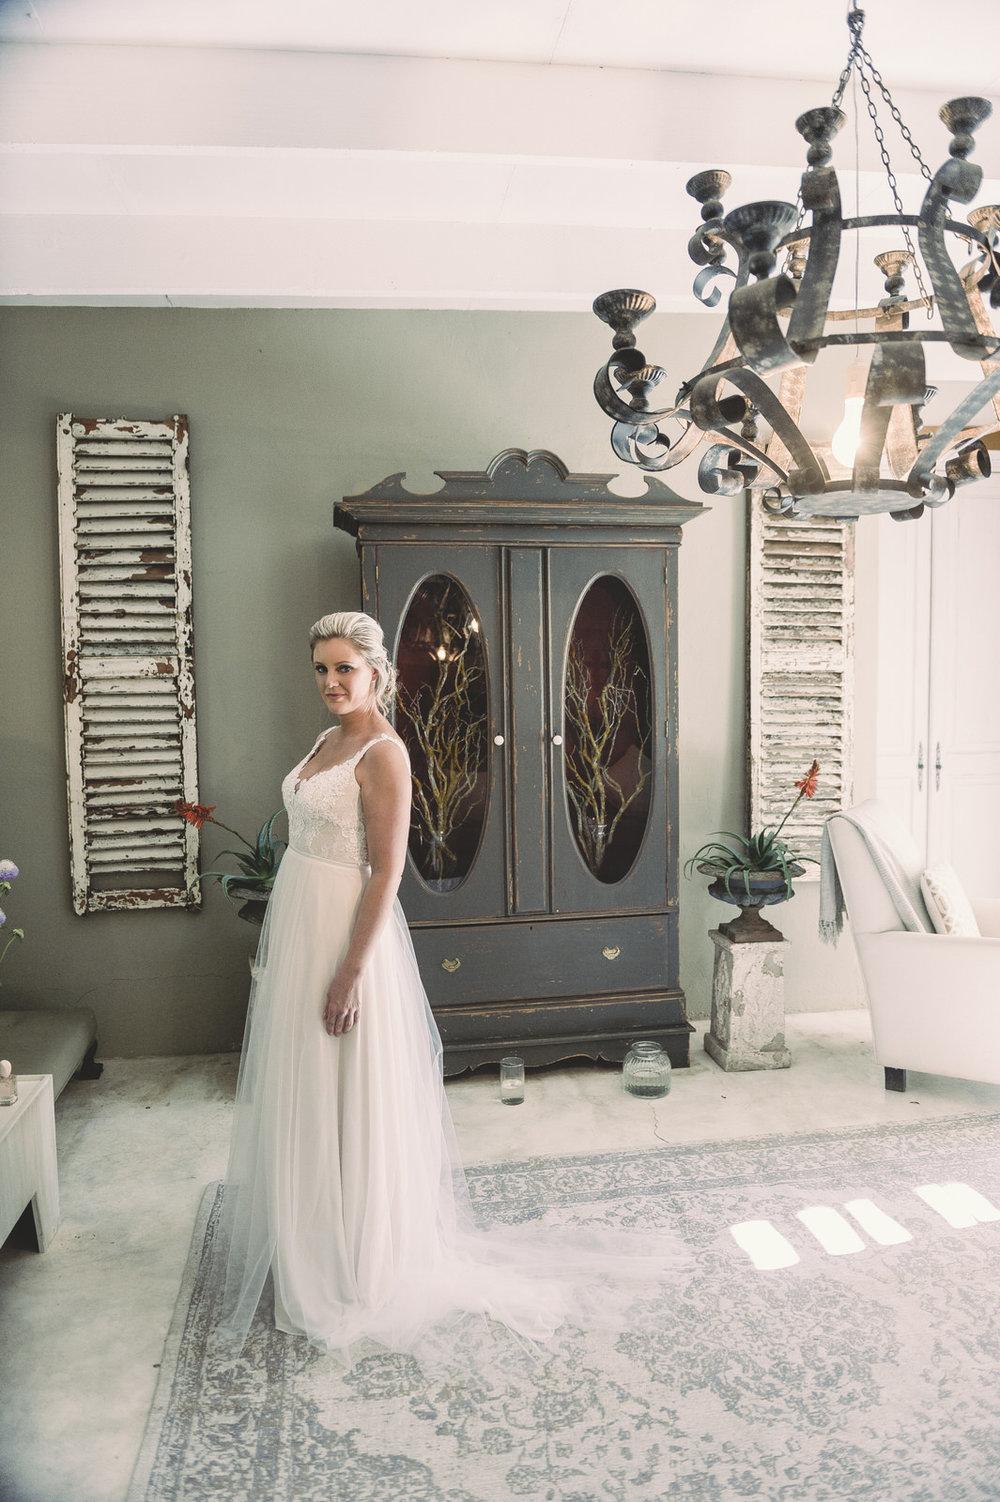 RyanParker_Wedding_Photographer_CapeTown_Hermanus_Paternoster_Gelukkie_JR_DSC_1507.jpg